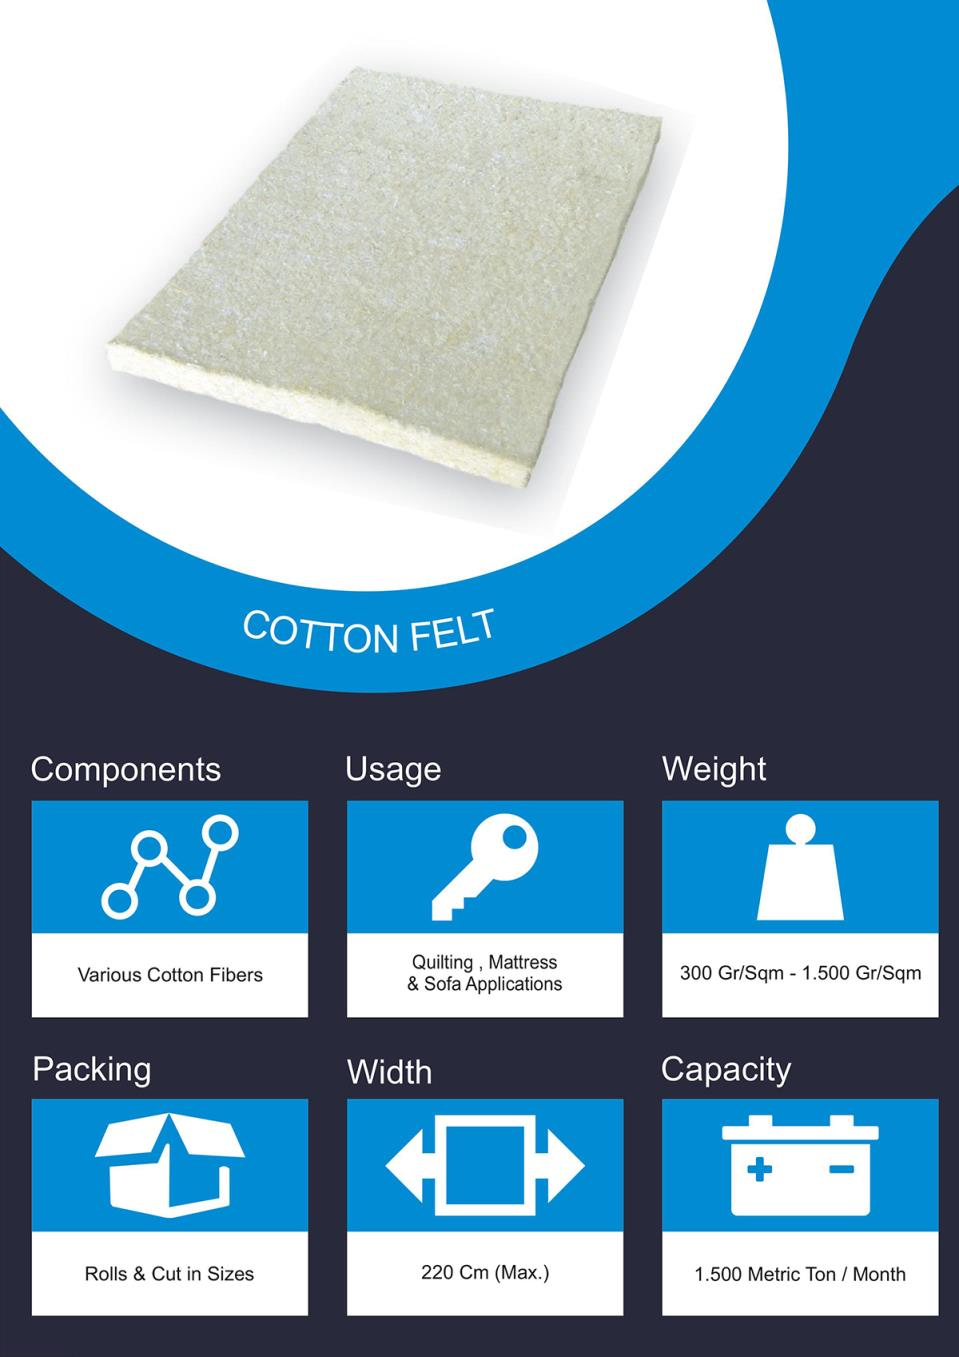 Cotton Felt